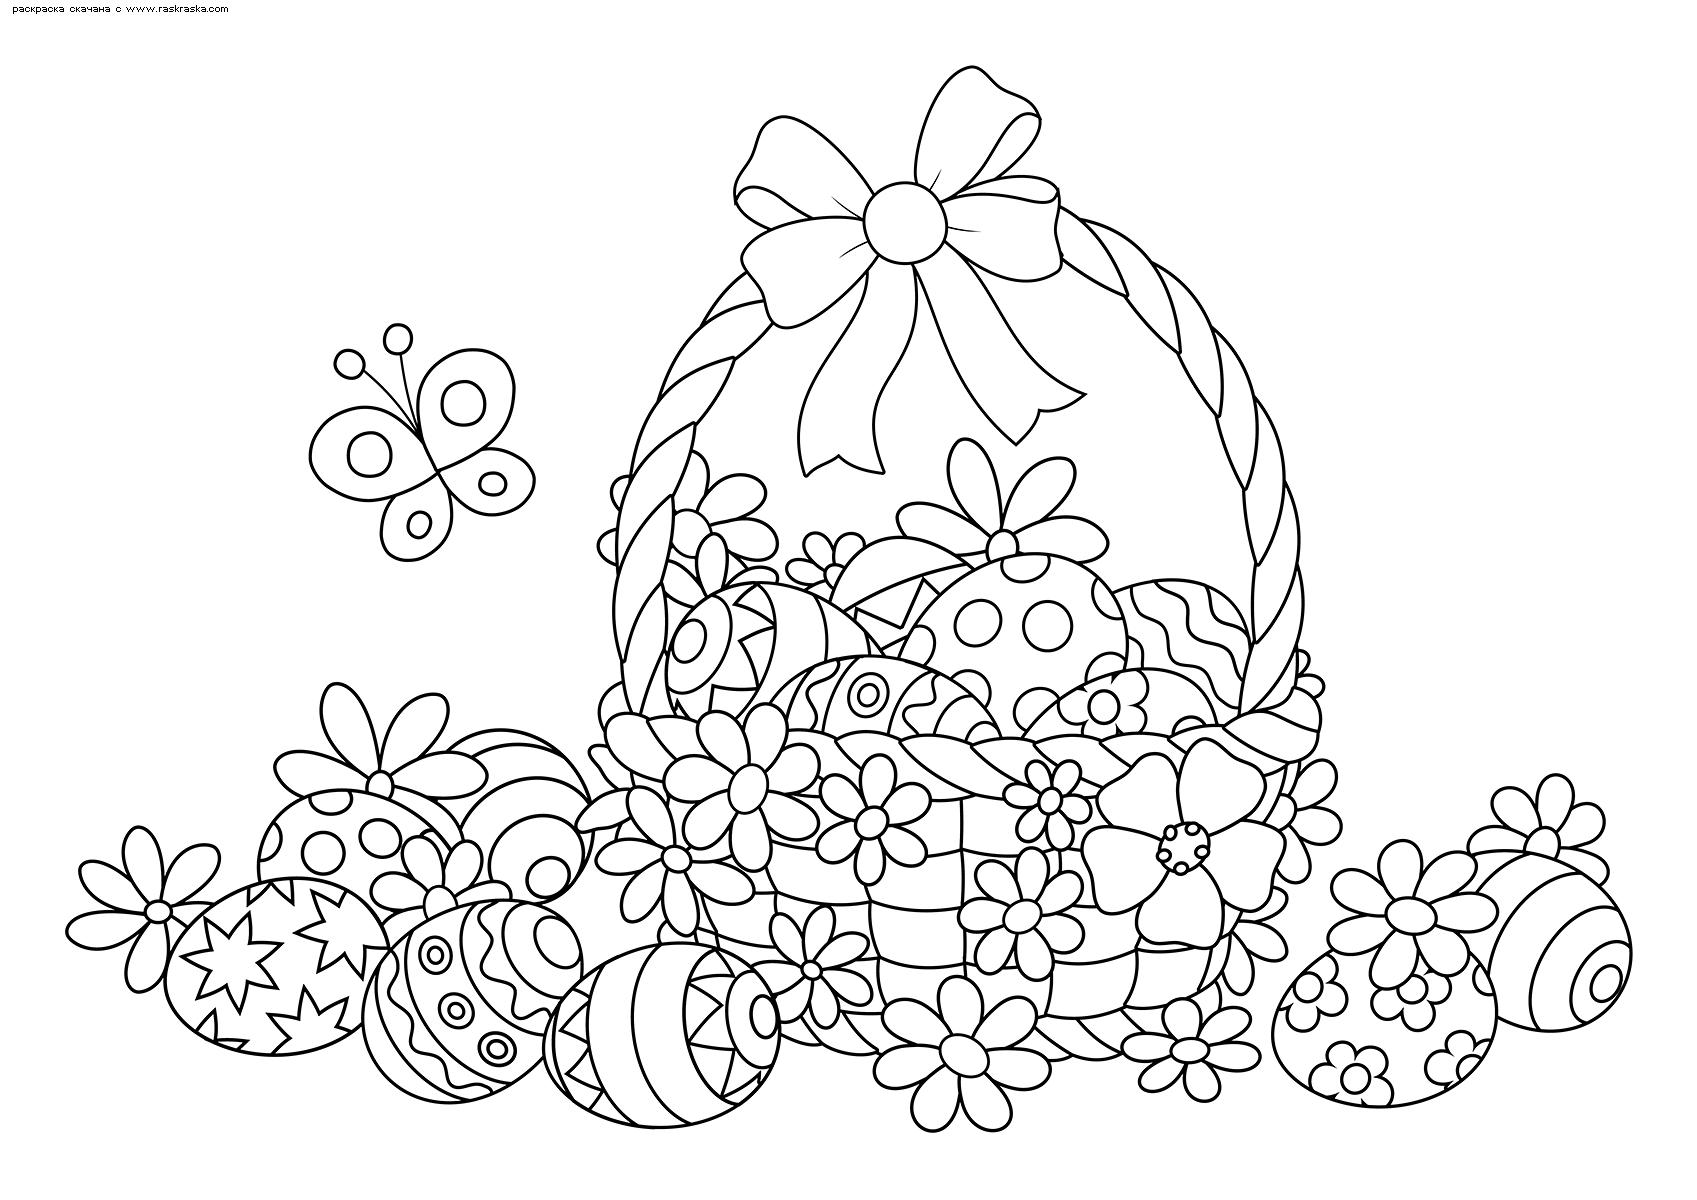 Раскраска Корзинка Пасхальных яиц | Раскраски антистресс к ...